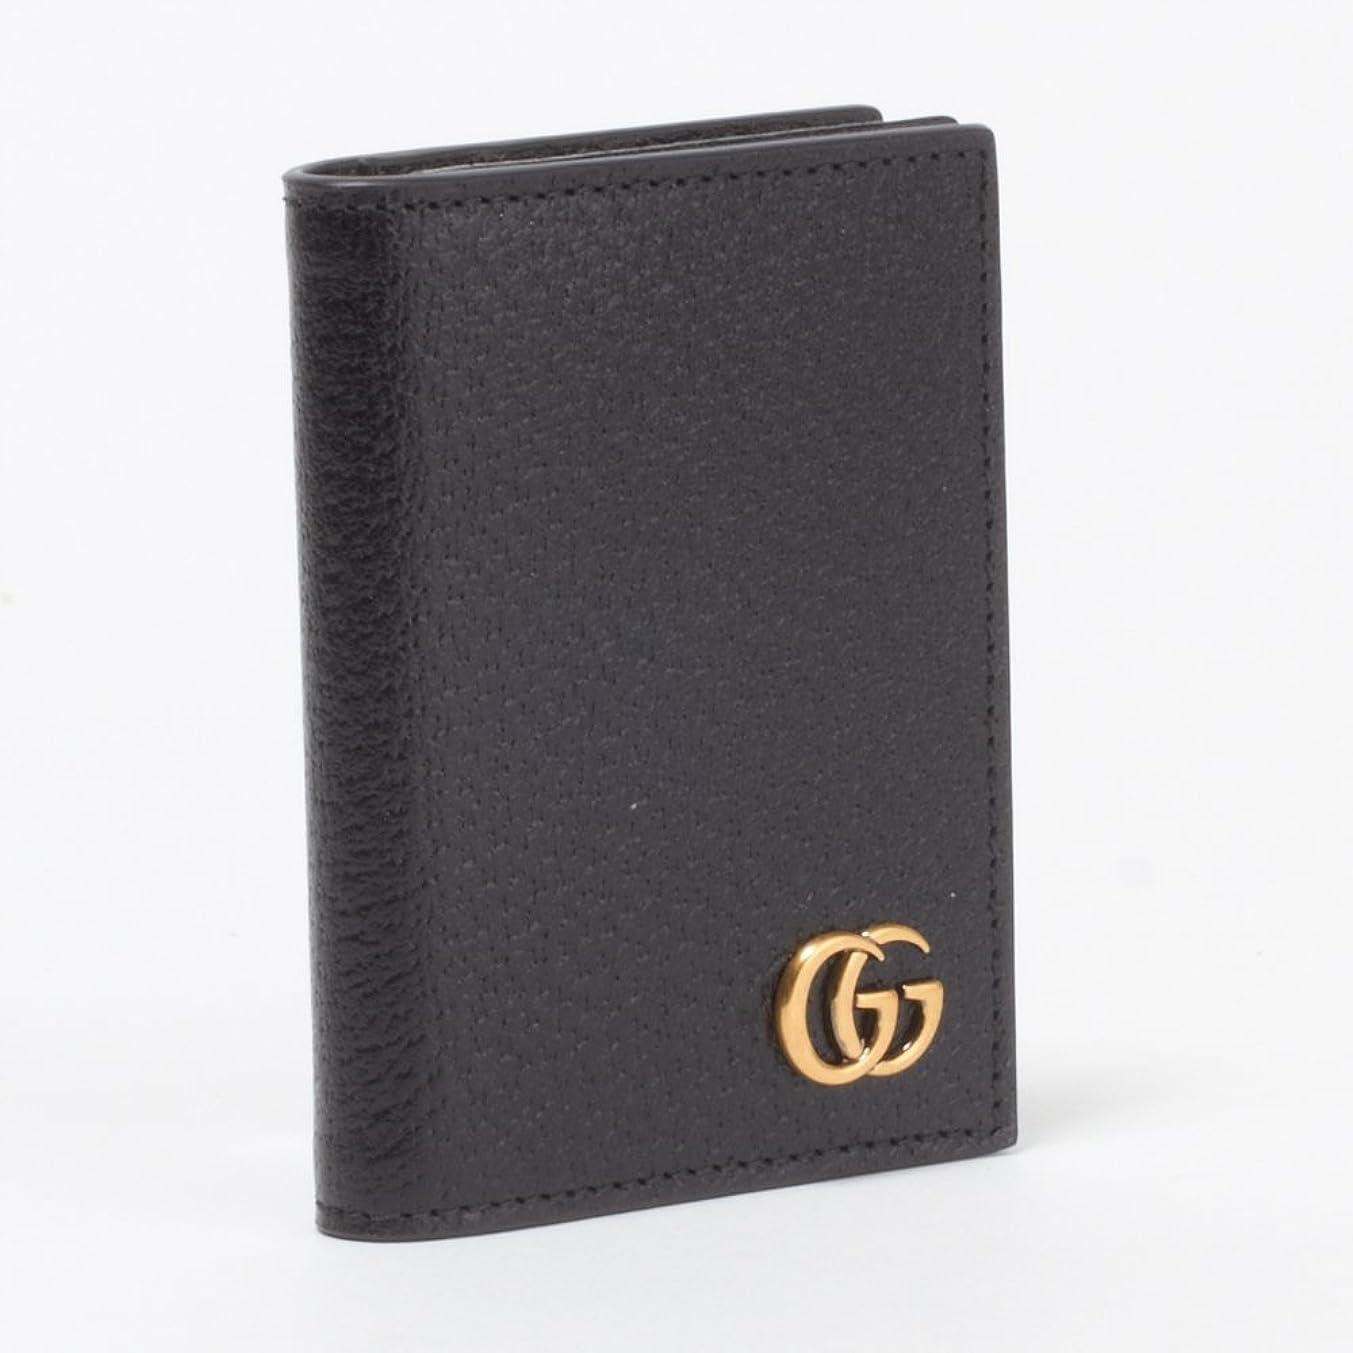 垂直エラーオークランド(グッチ) GUCCI カードケース 428737 DJ20T 1000 ブラック 【MARMONT】 [並行輸入品]